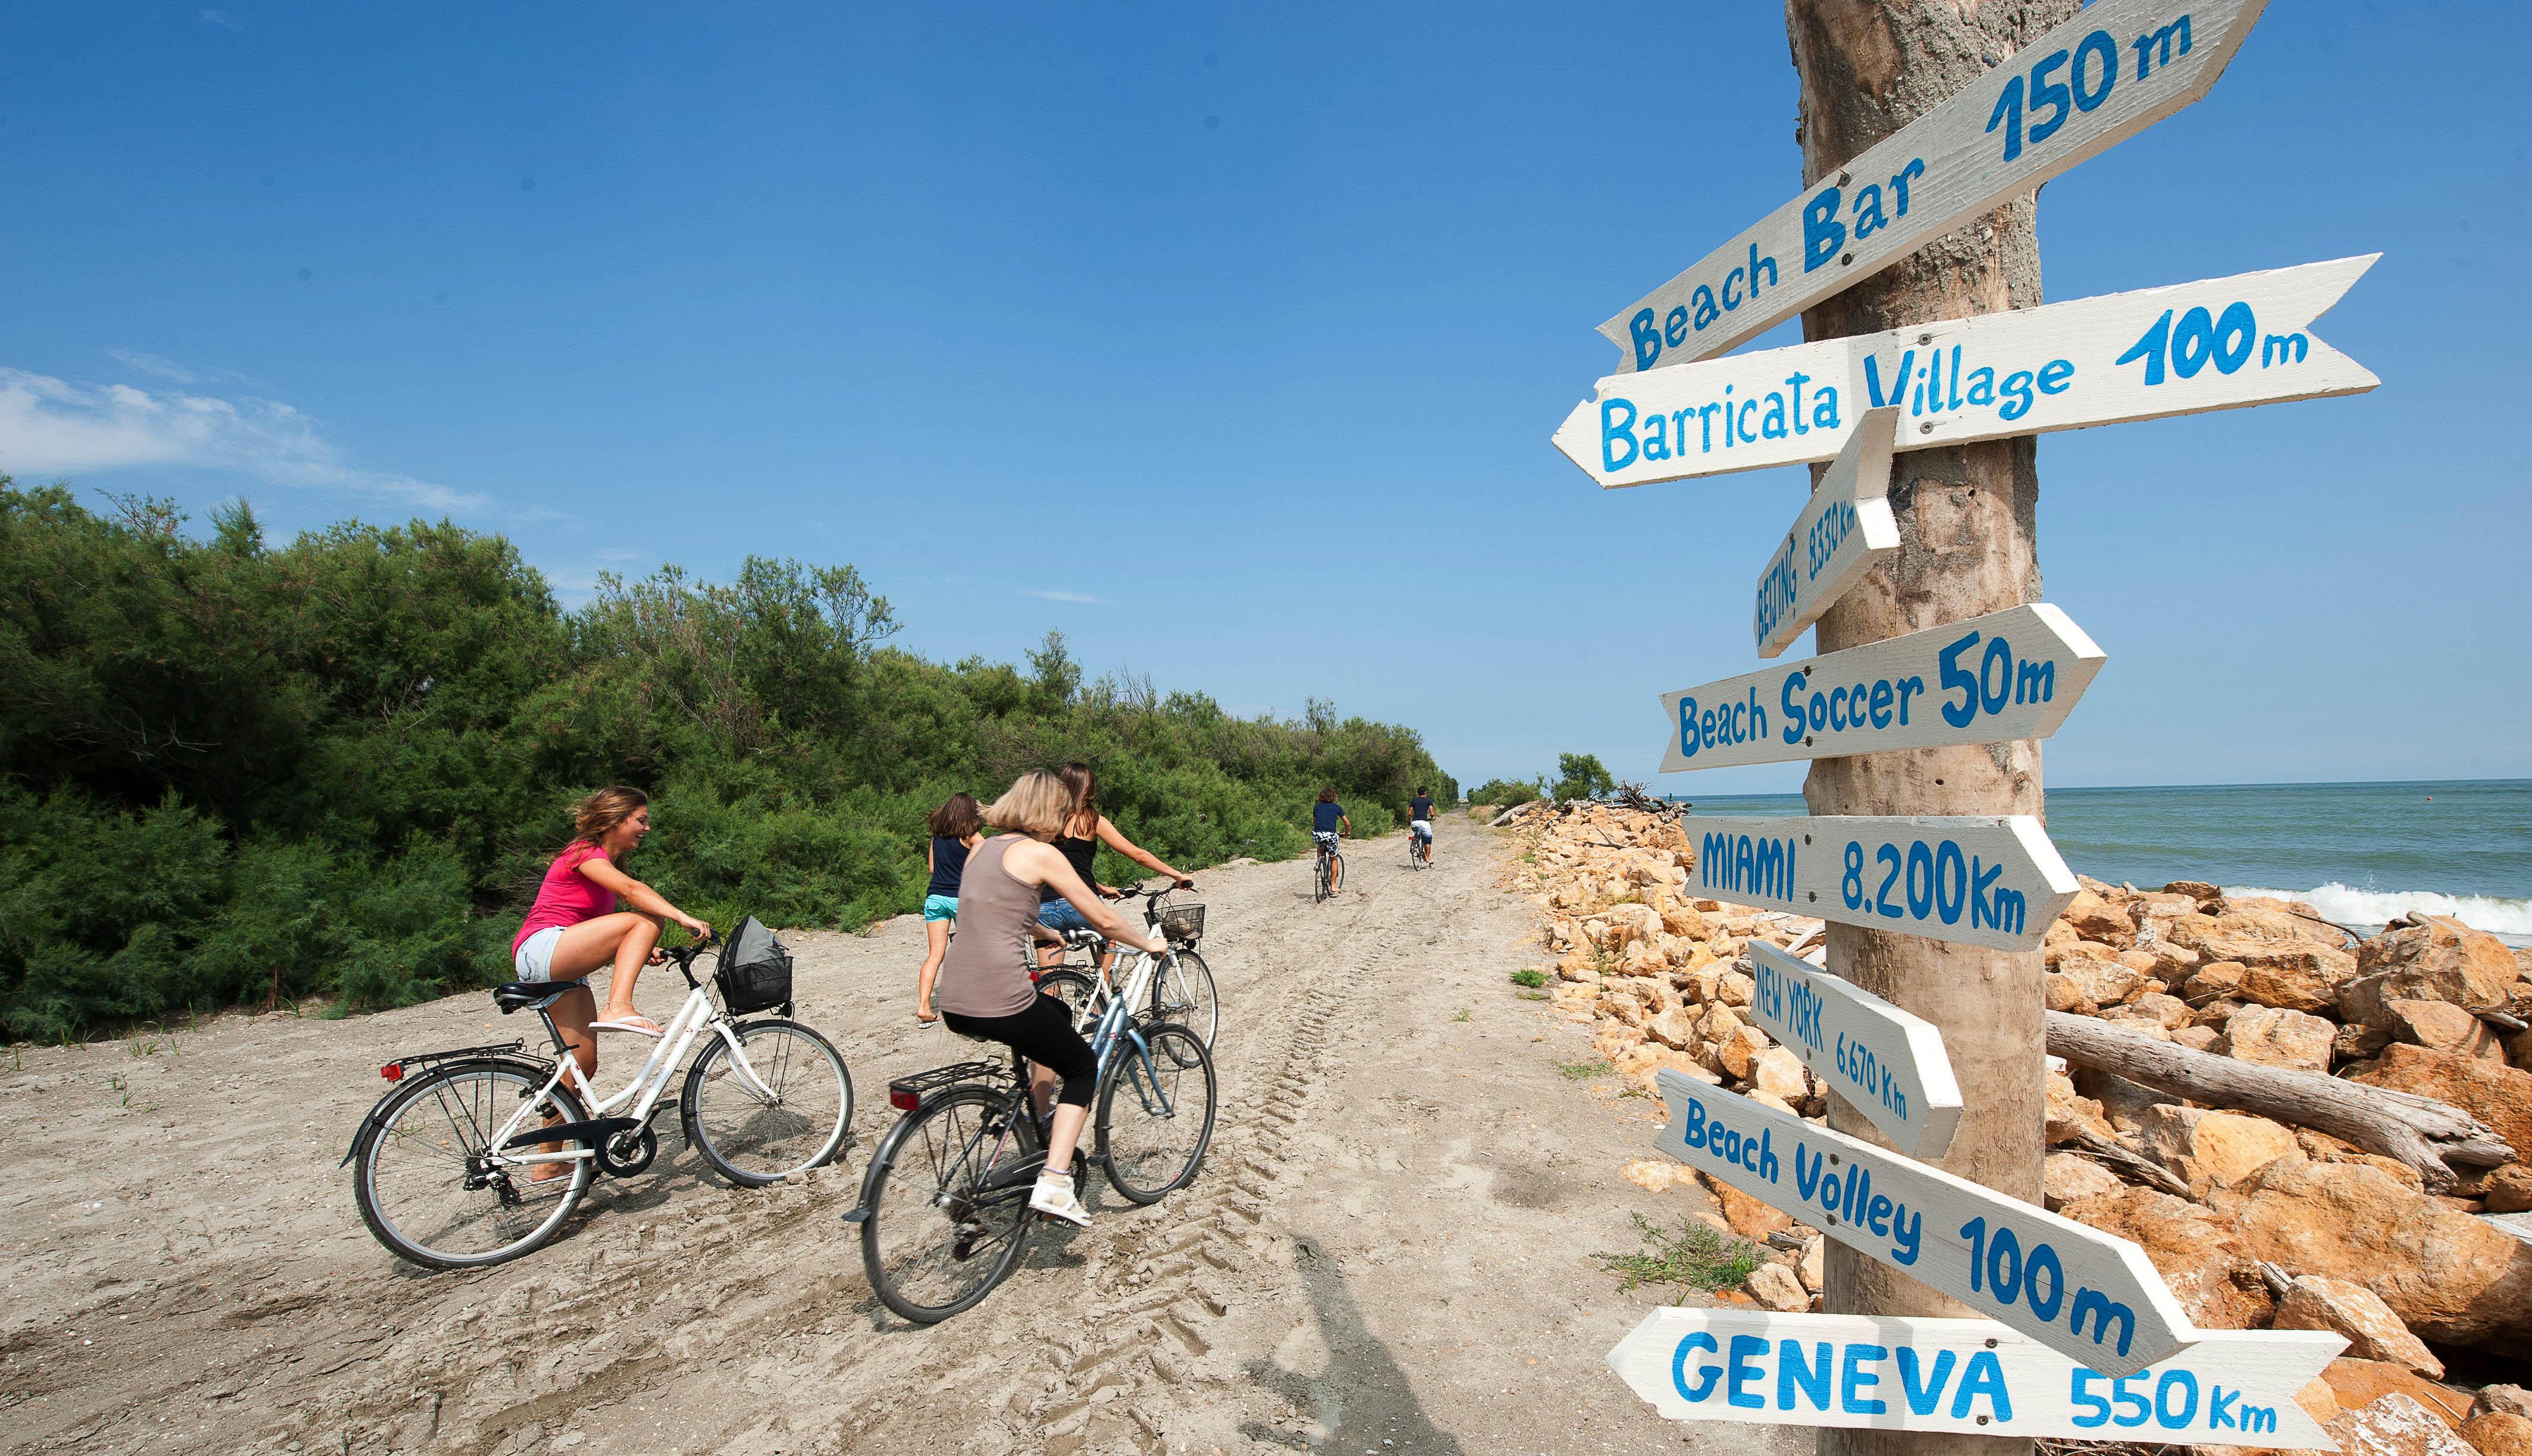 Il parco regionale veneto del delta del Po in bici - BiciTech